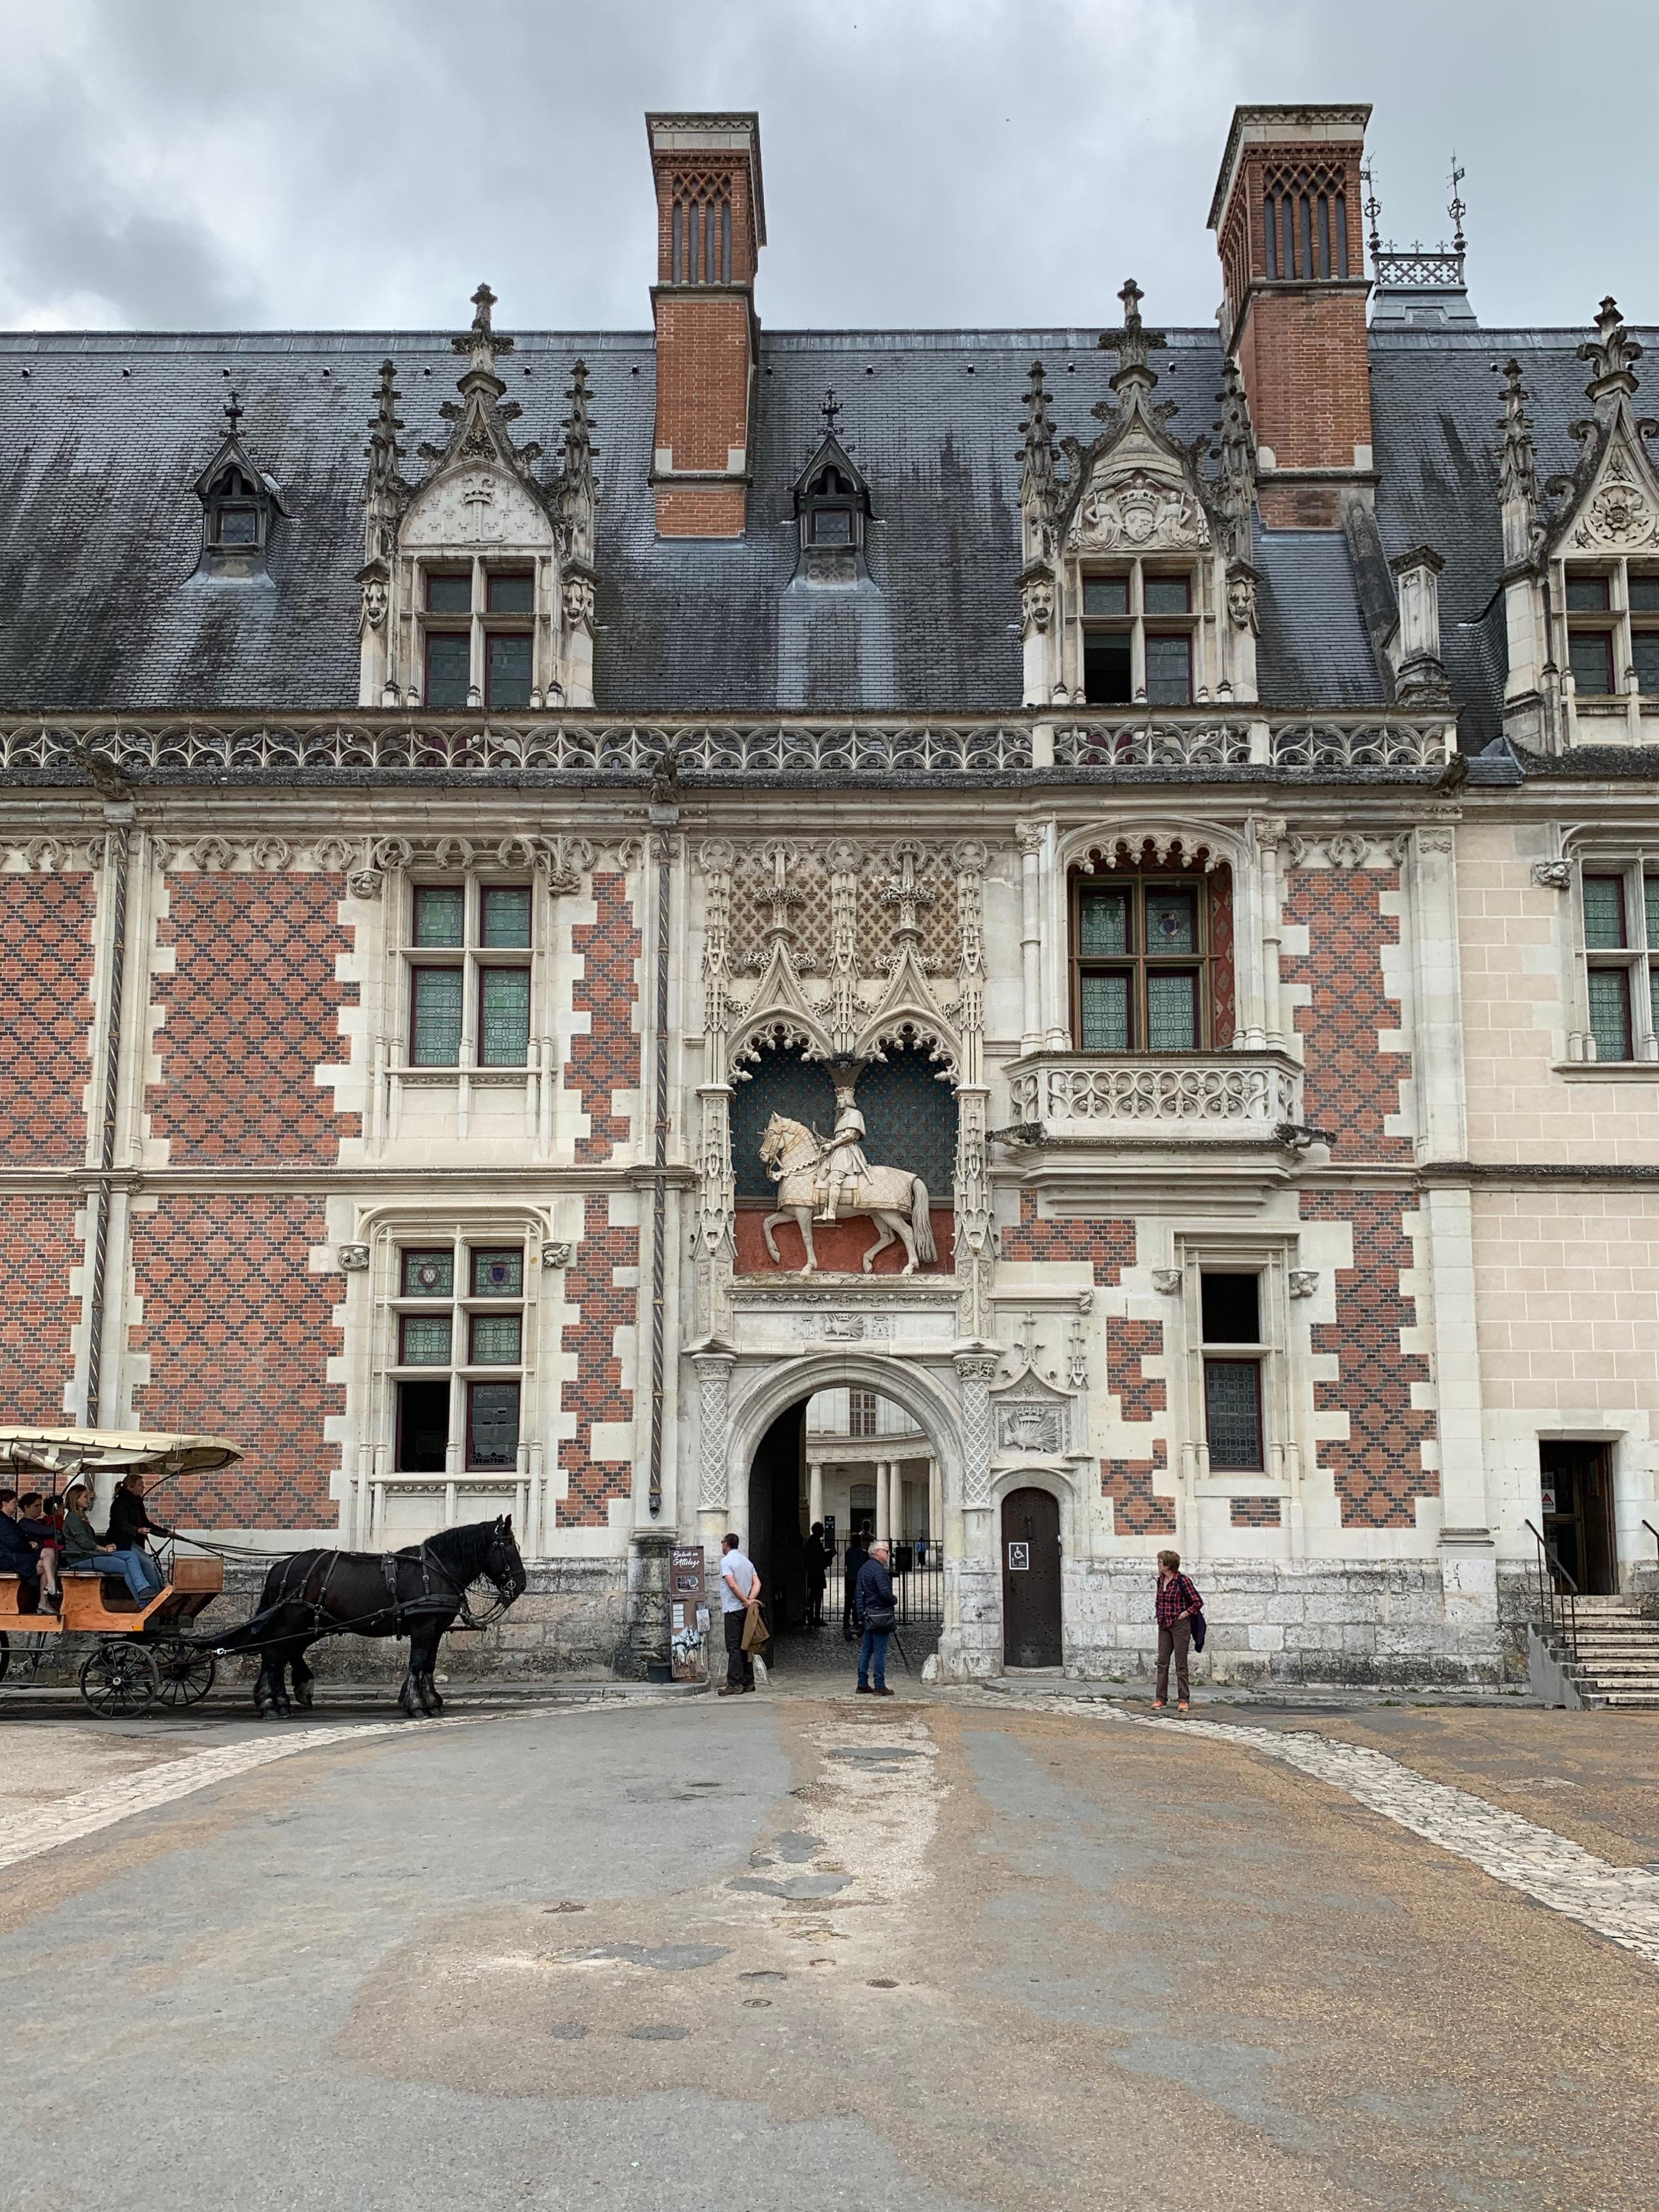 Blois, Residenz der Könige weißes und schwarze Pferde